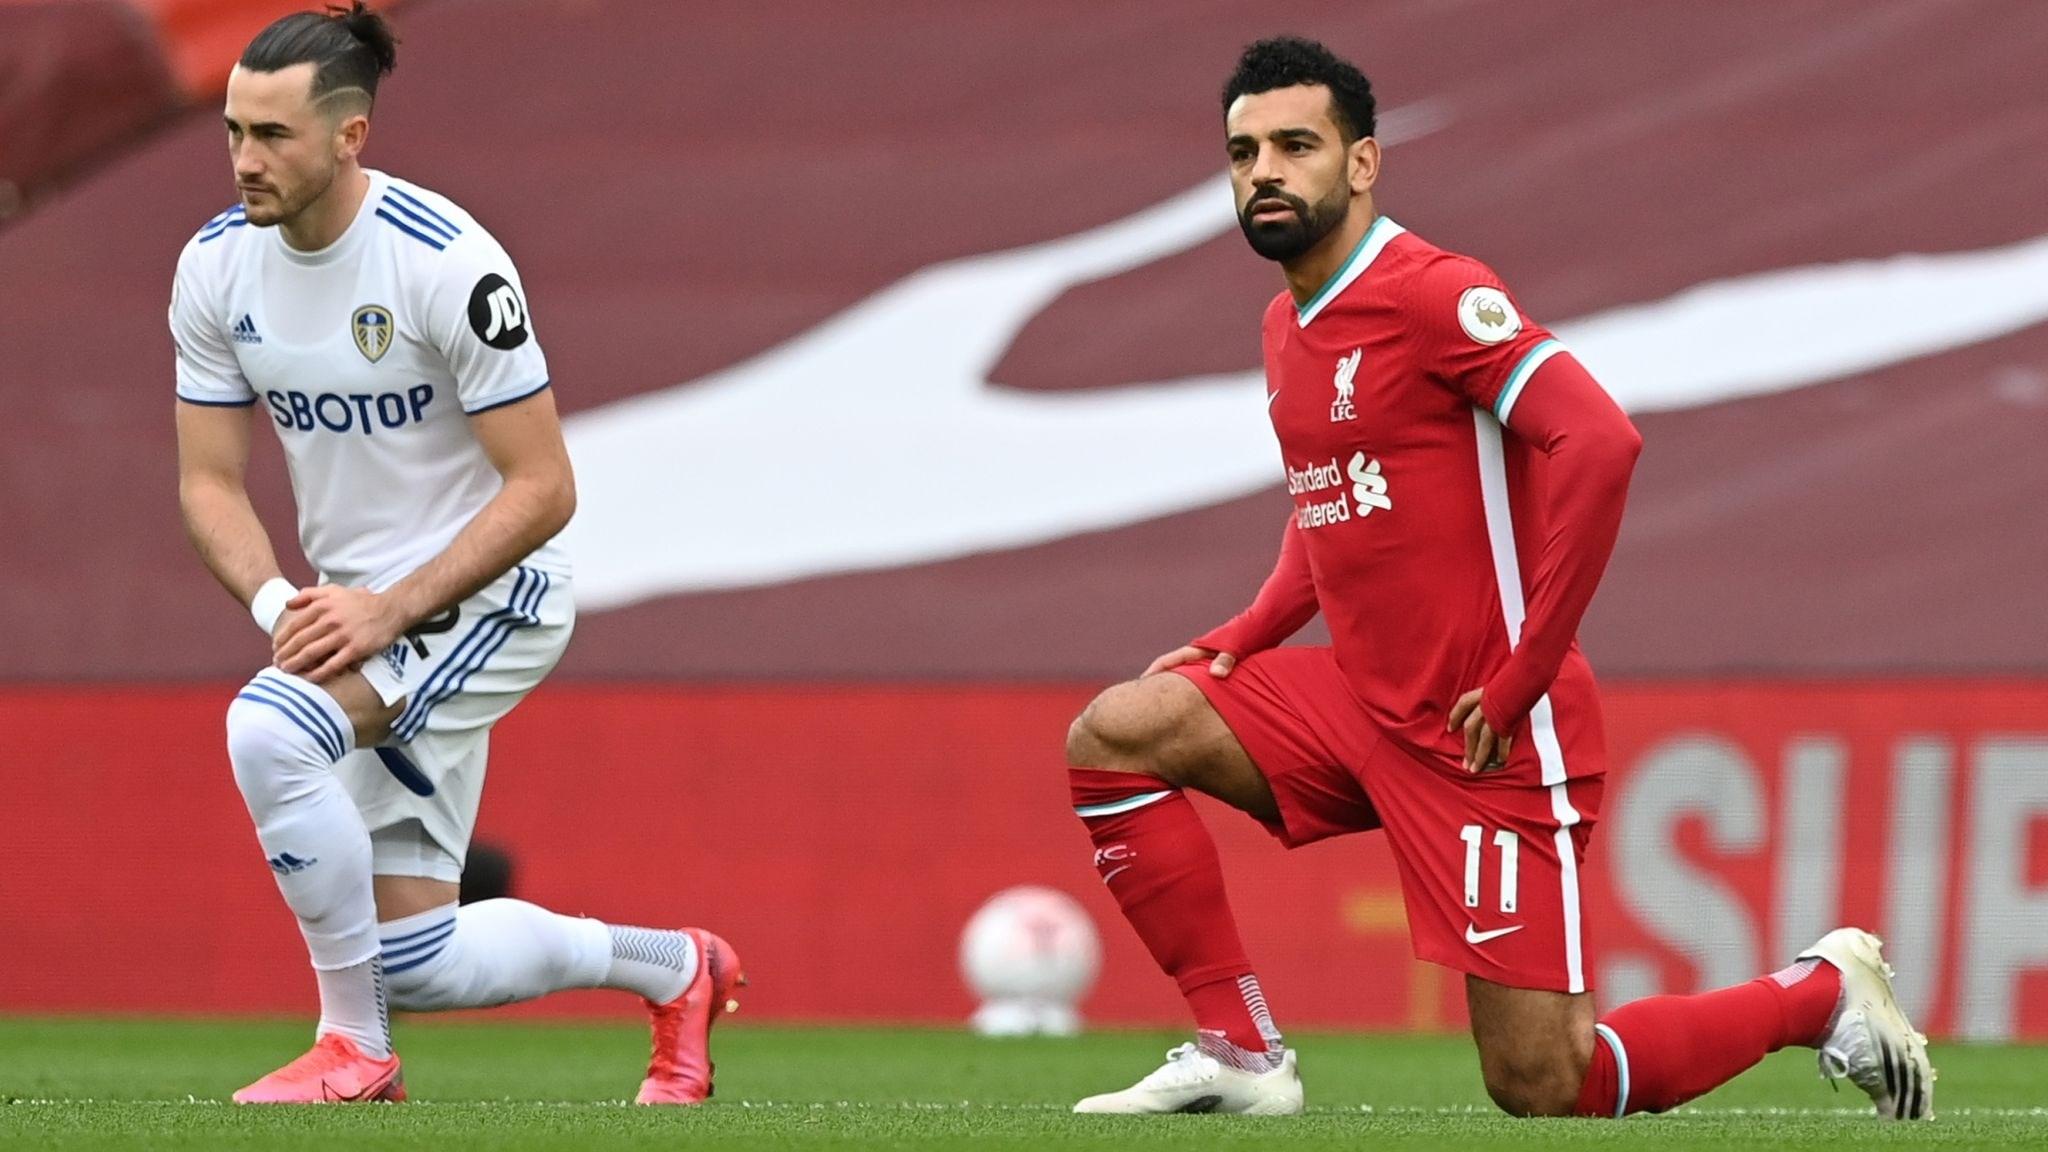 محمد صلاح لاعب ليفربول قبل مباراة ليدز يونايتد